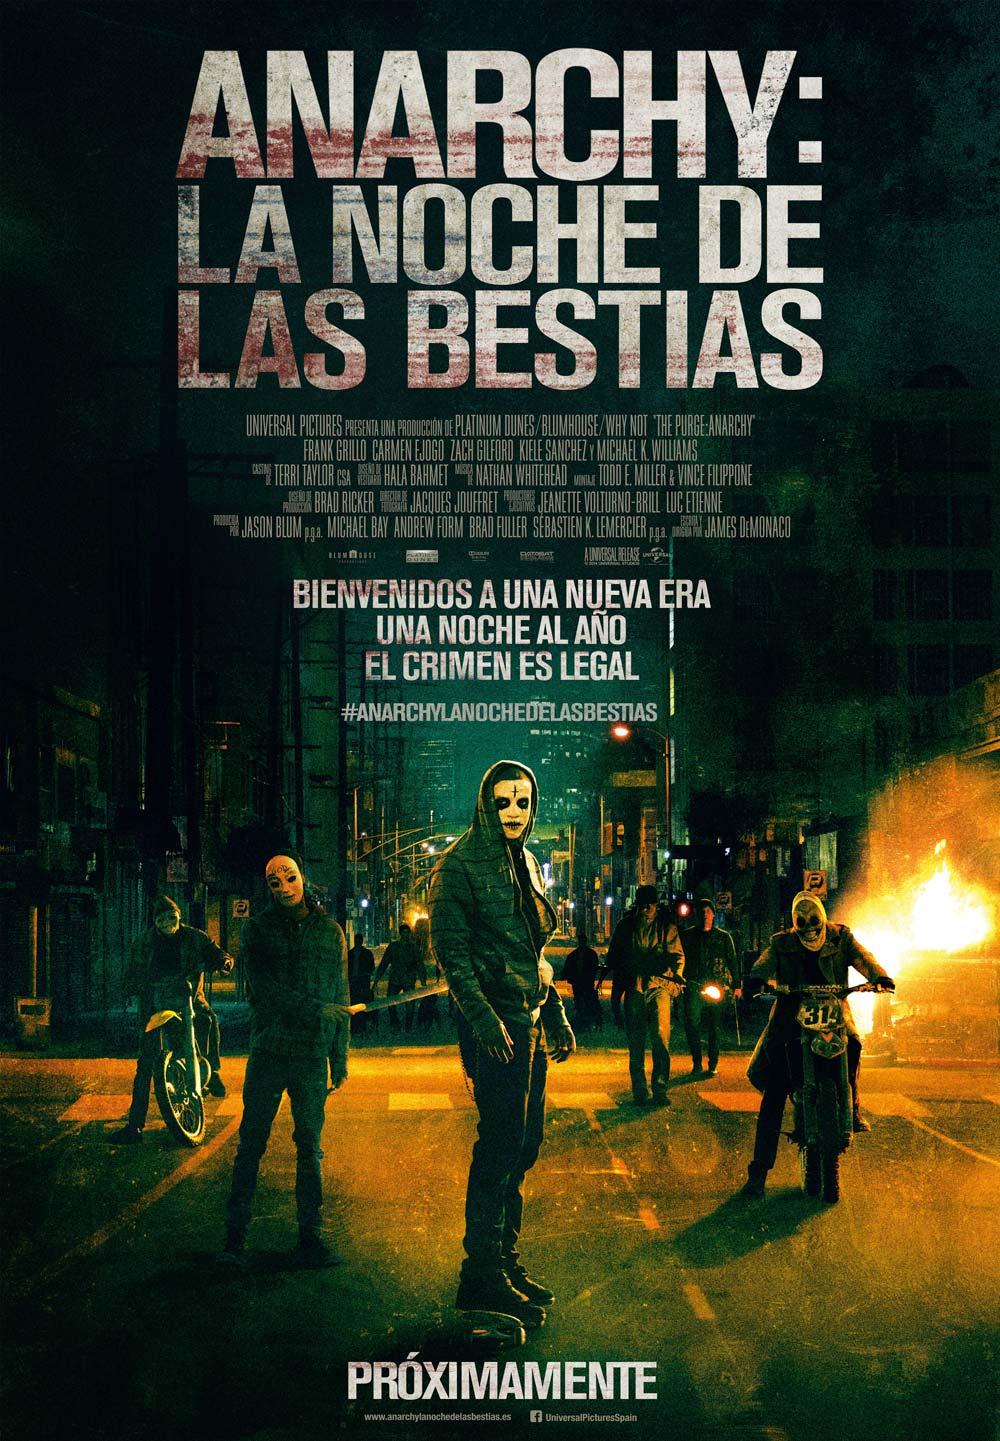 Anarchy La noche de las bestias Cartel